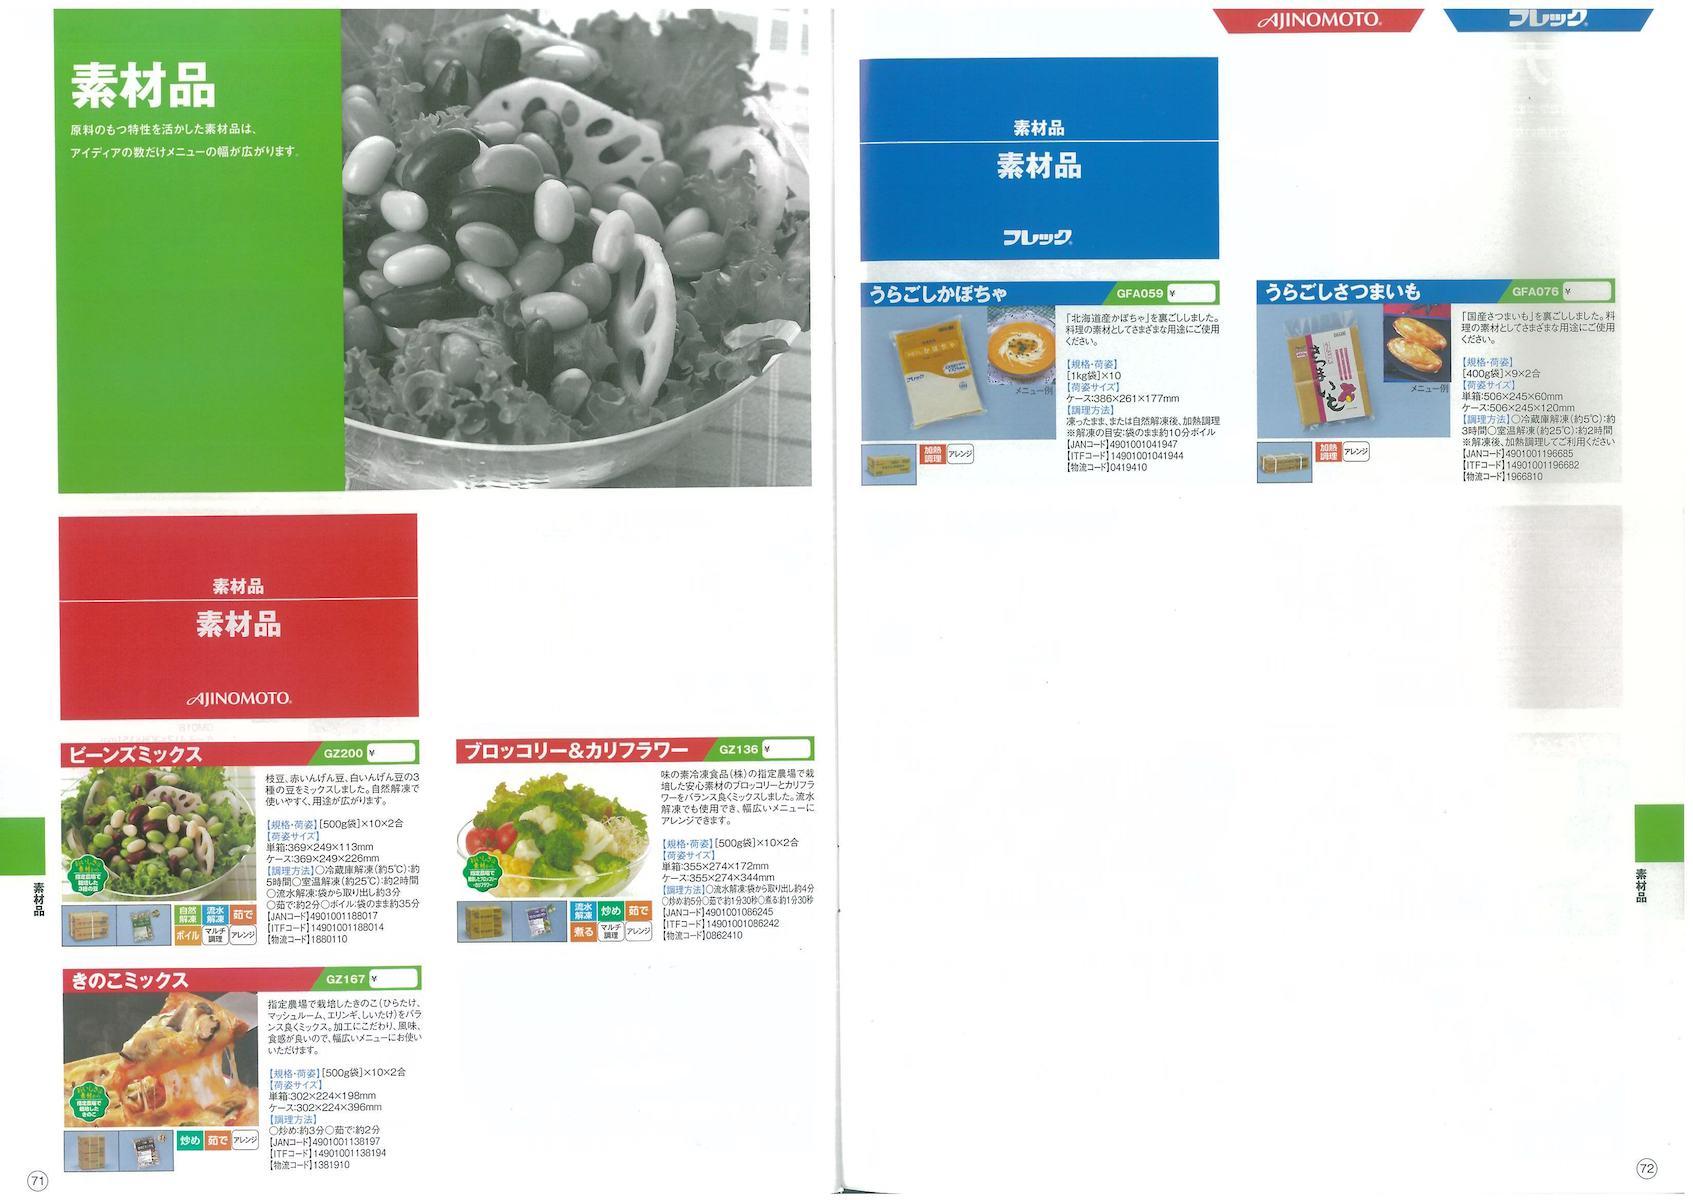 味の素冷凍食品 素材品 ビーンズミックス ブロッコリー&カリフラワー きのこミックス 素材品 うらごしかぼちゃ うらごしさつまいも